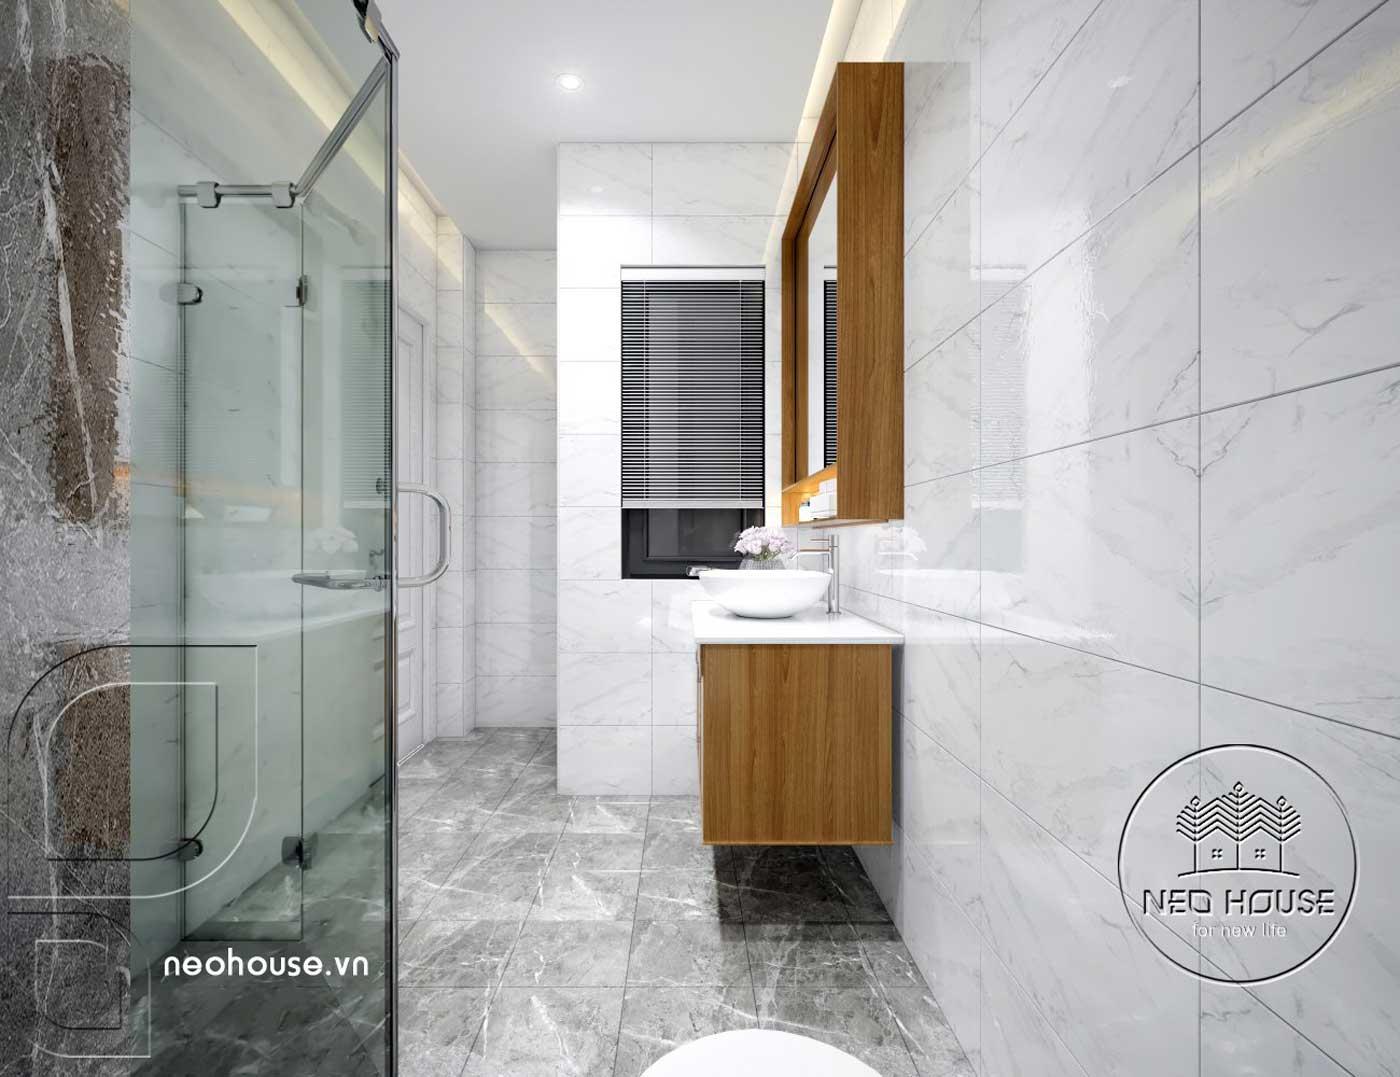 Thiết kế thi công cải tạo nhà phố 3 tầng với không gian nội thất phòng vệ sinh Master 01. Ảnh 1